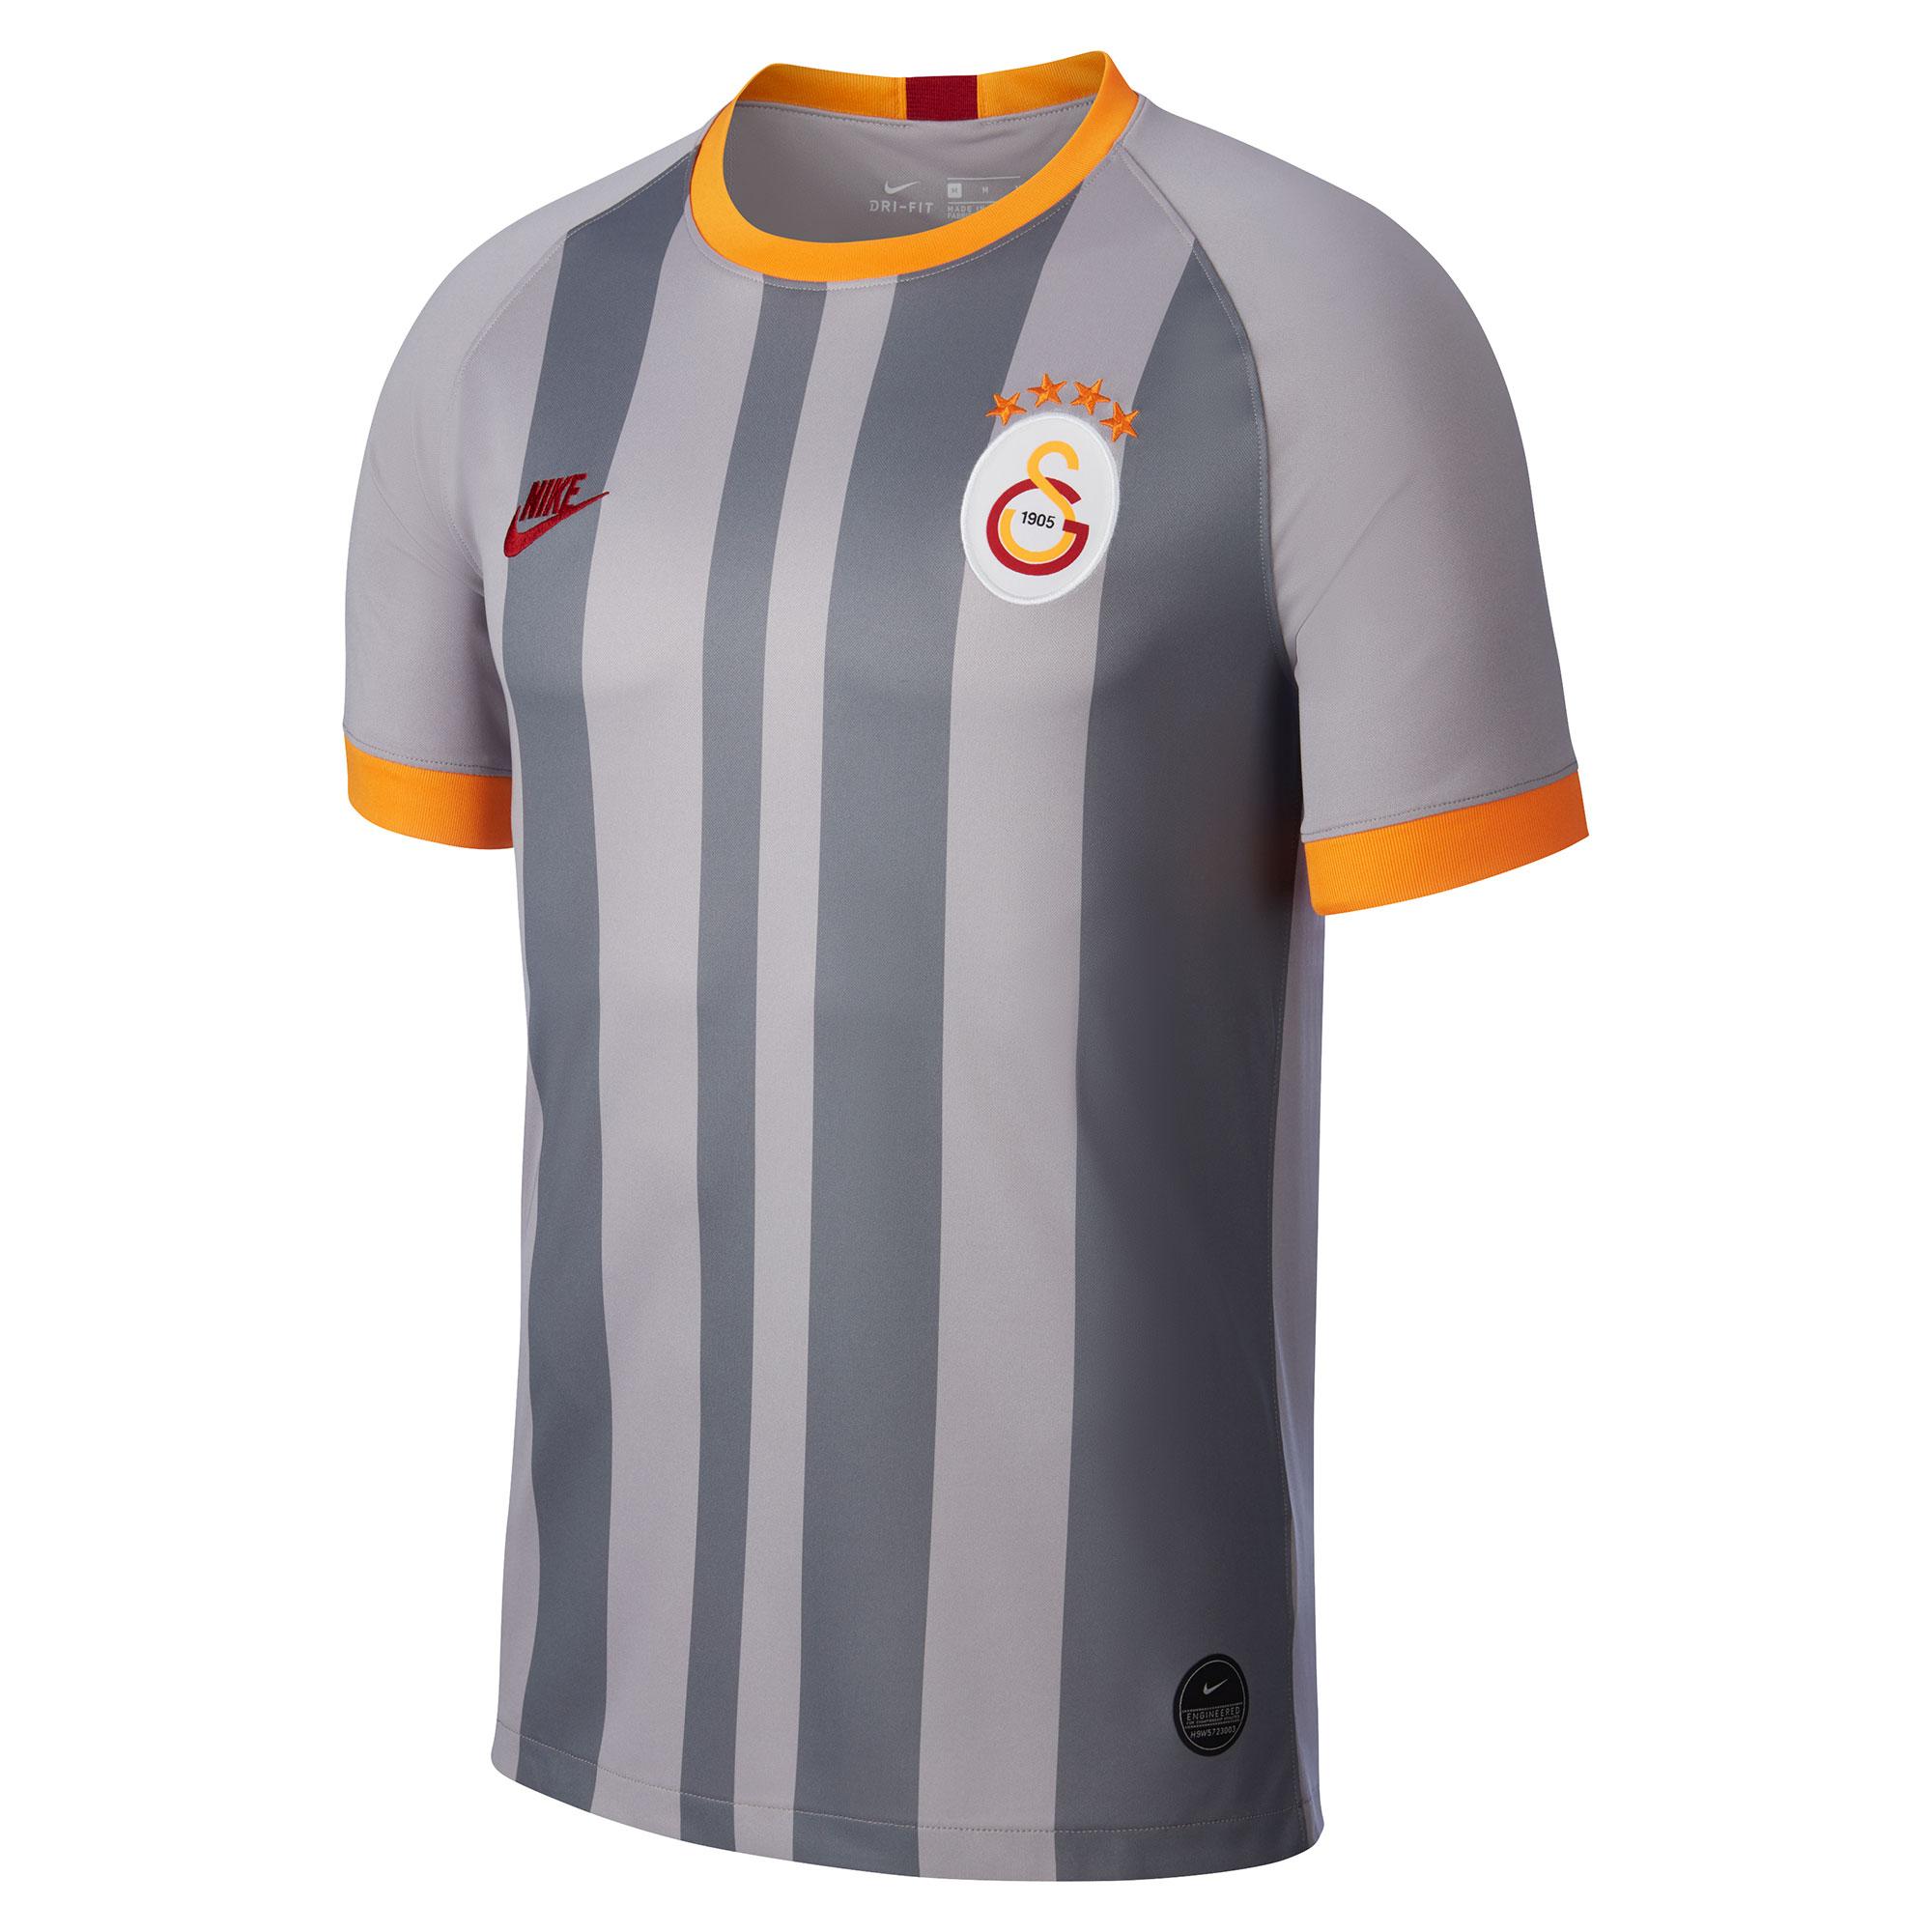 Galatasaray Third Stadium Shirt 2019-20